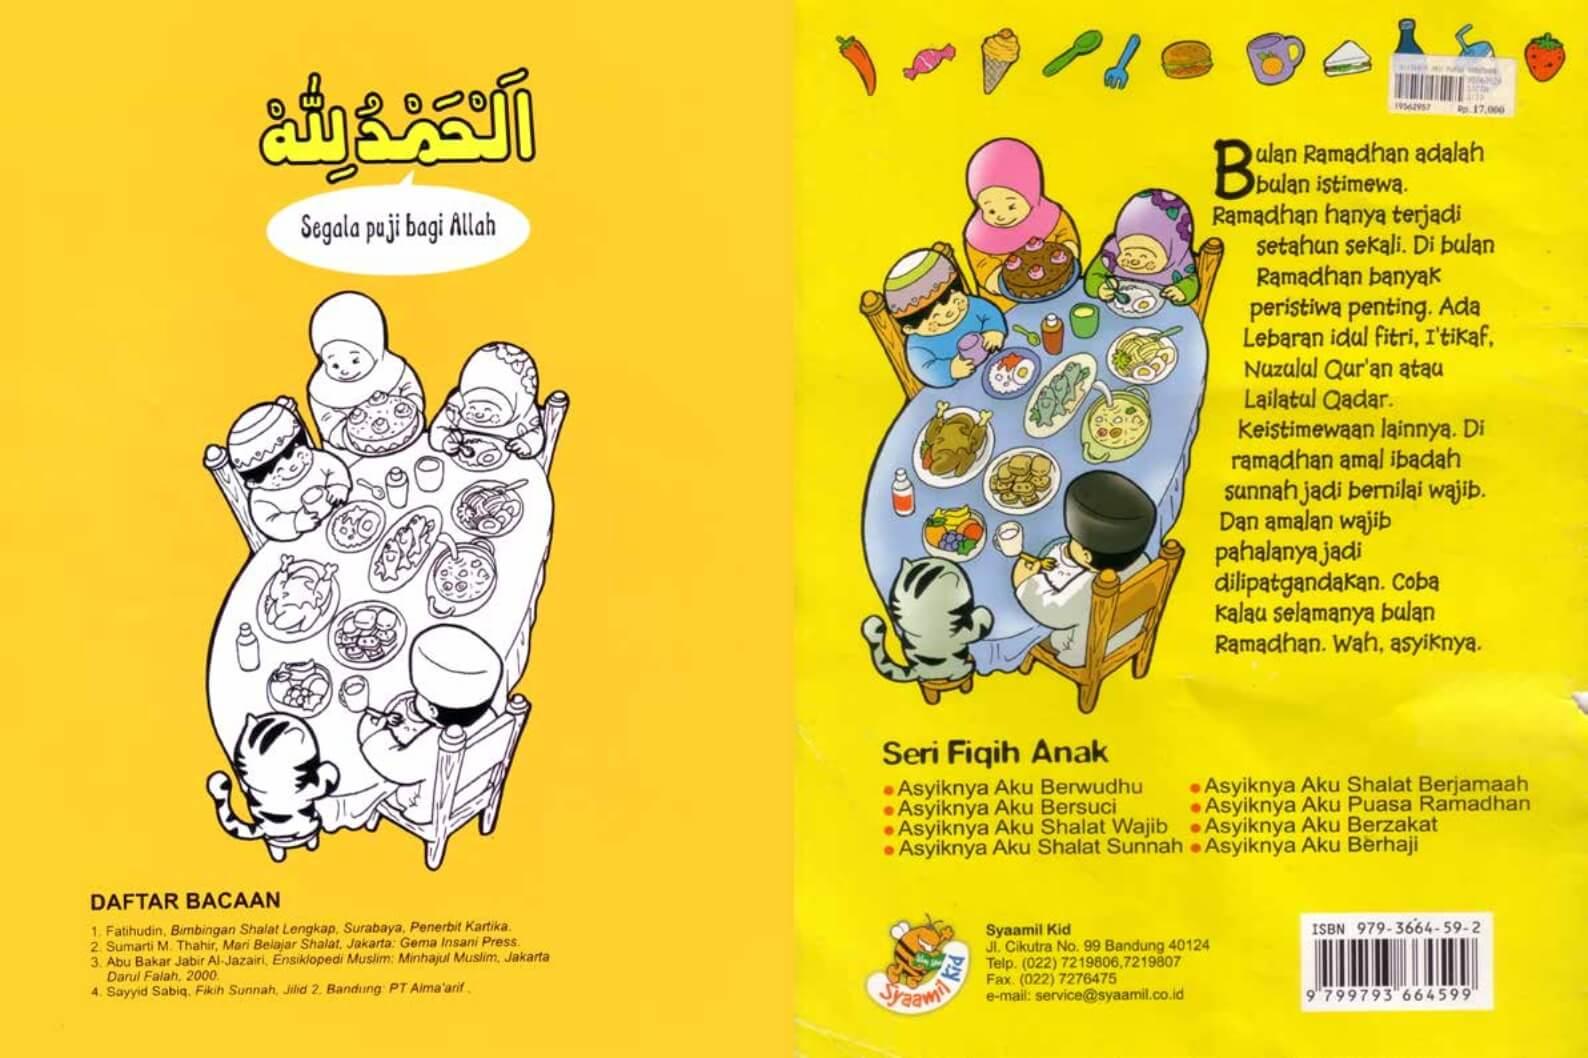 Ebook Seri Fikih Anak, Asyiknya Aku Puasa Ramadhan (13)